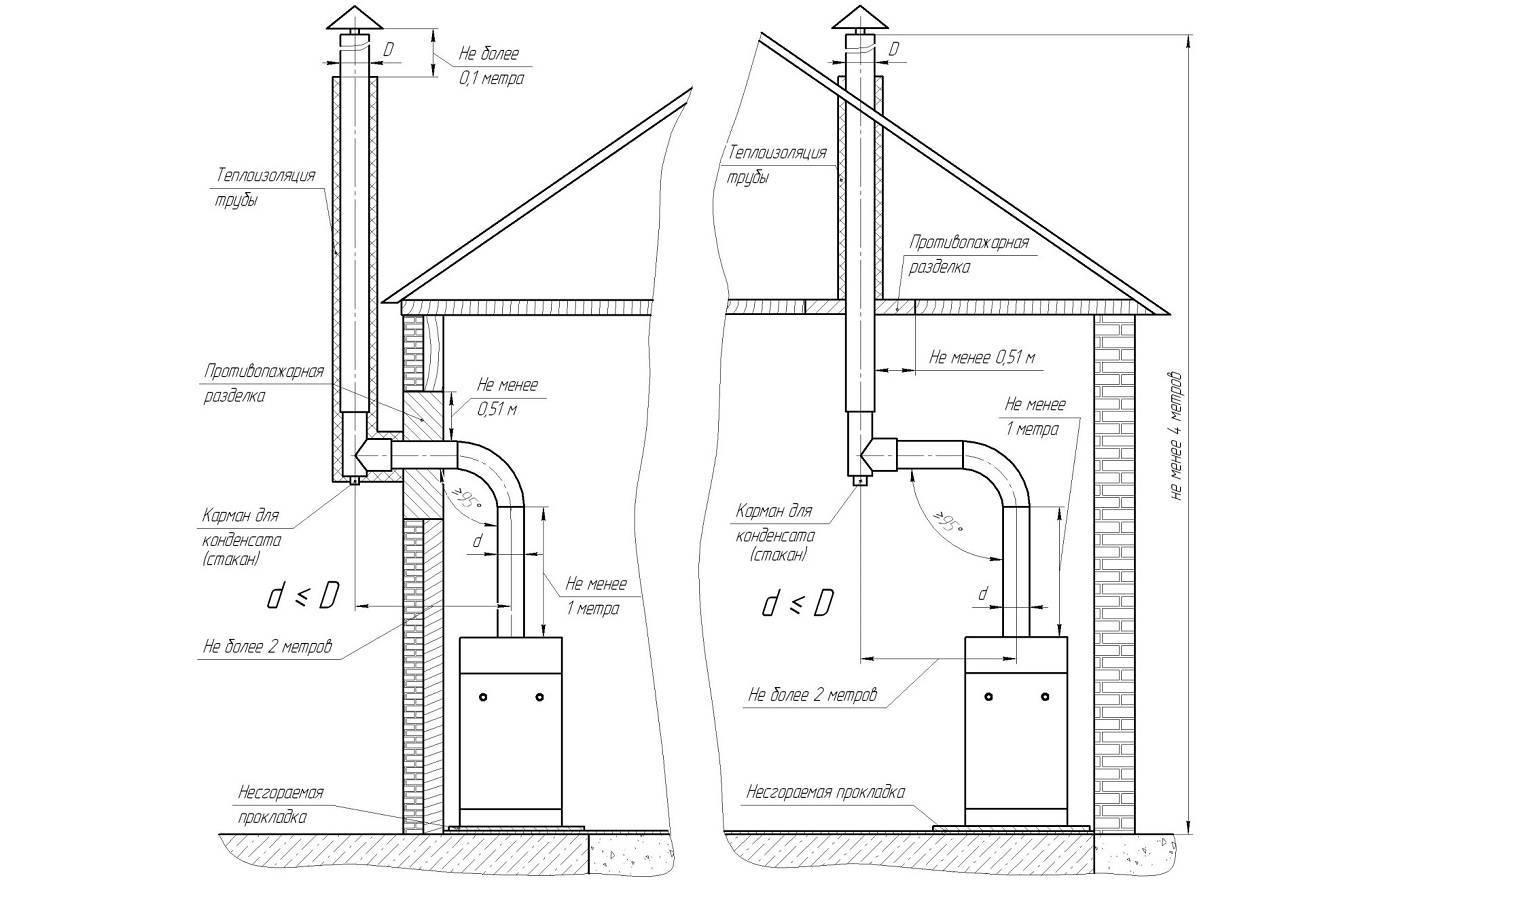 Установка печи в доме с дымоходом через стену: как правильно вывести трубу